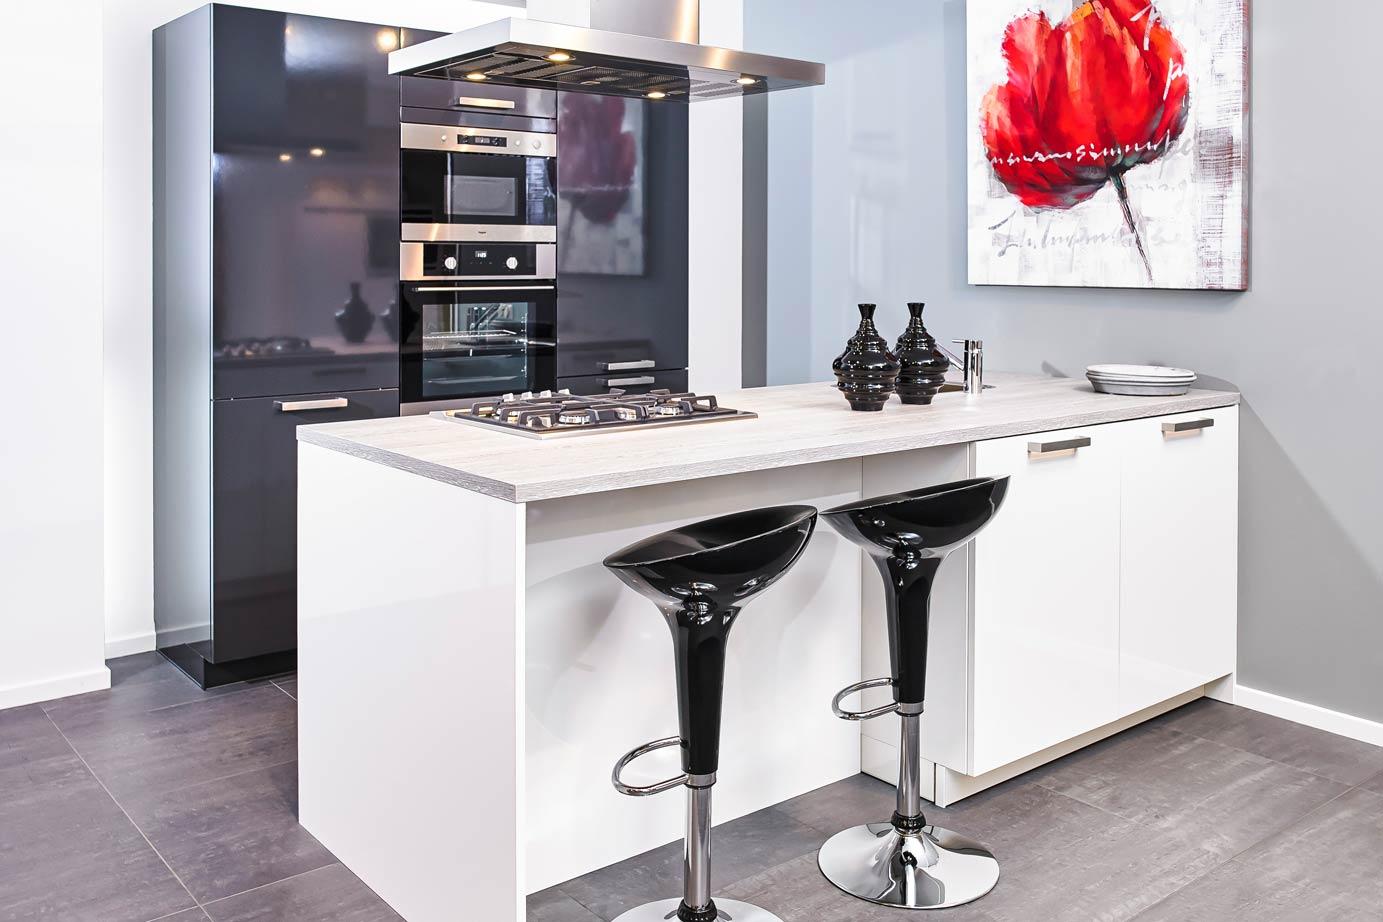 Eiland Keukens Afmetingen : Afmetingen Keuken Met Eiland Design eiland keuken